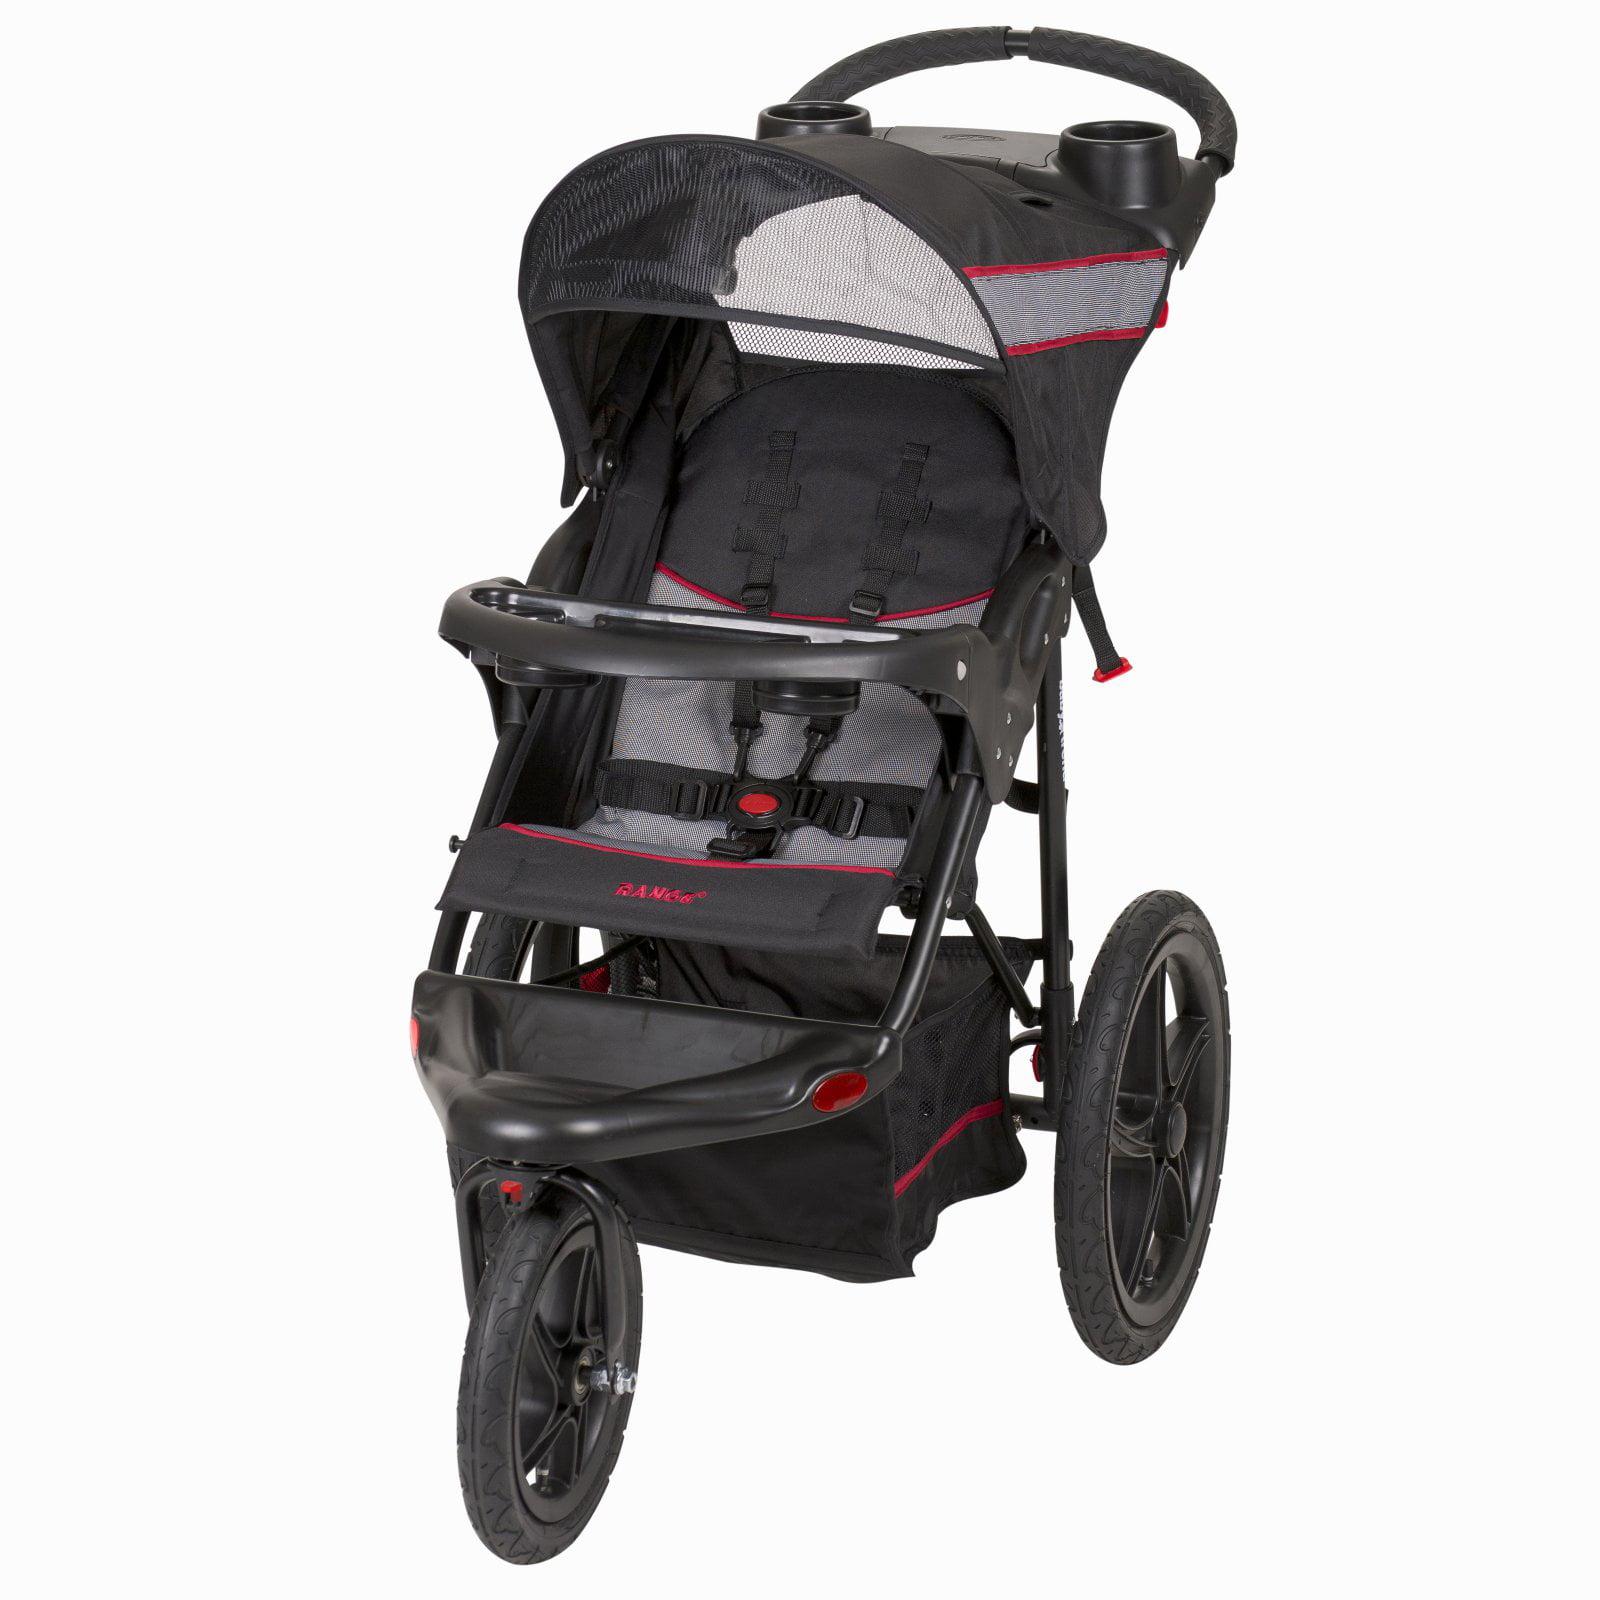 ffe5ee604cea Baby Trend Range Jogging Stroller